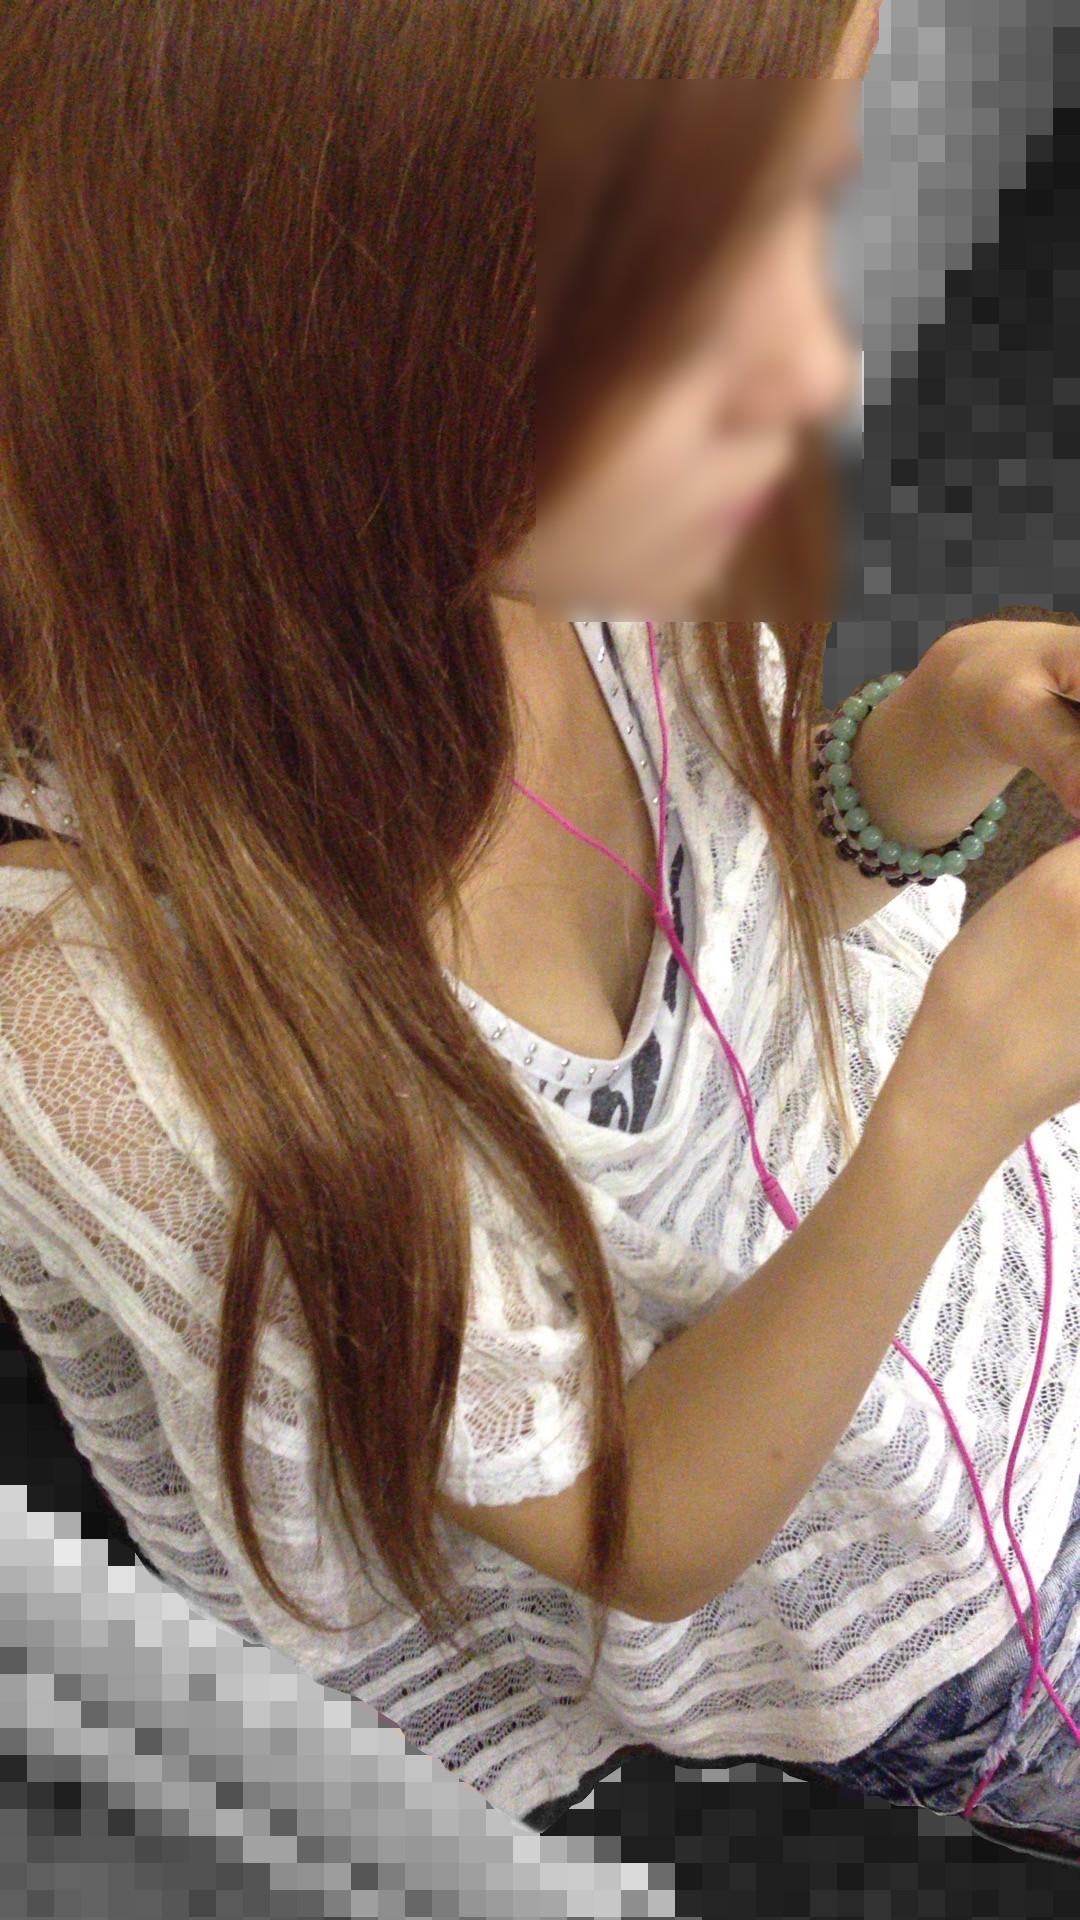 胸チラの電車内・街撮り盗撮素人エロ画像4